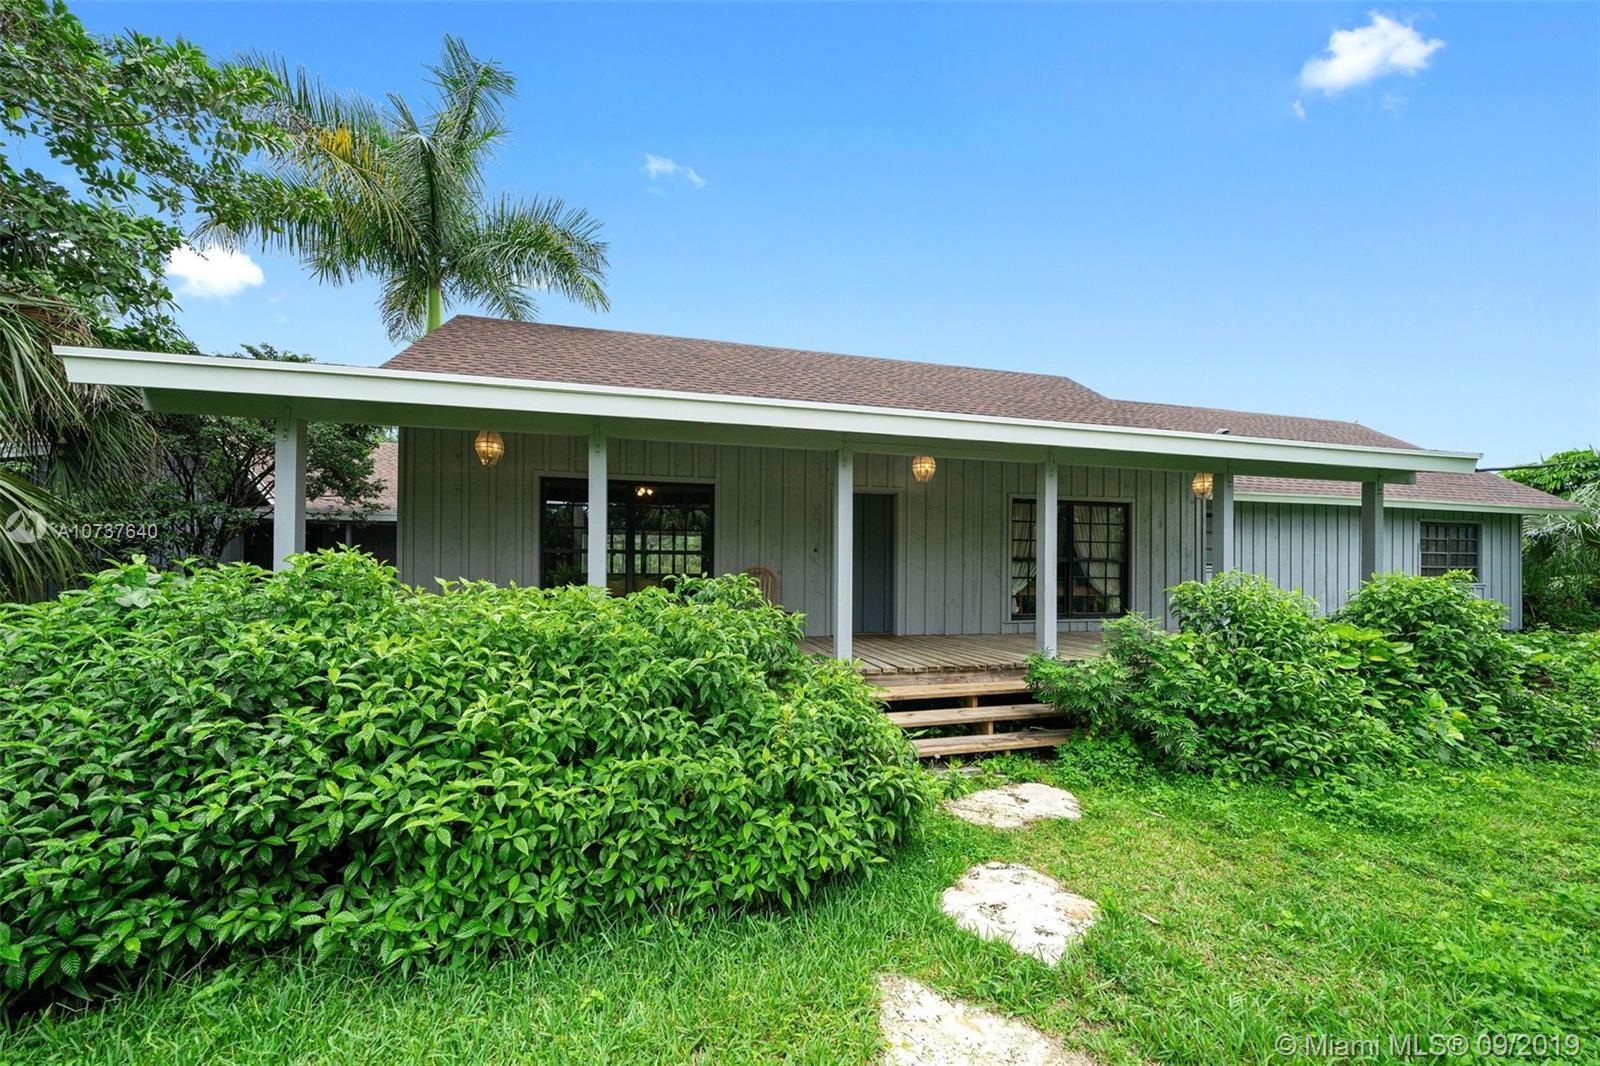 18600 SW 157th Ave, Miami, FL 33187